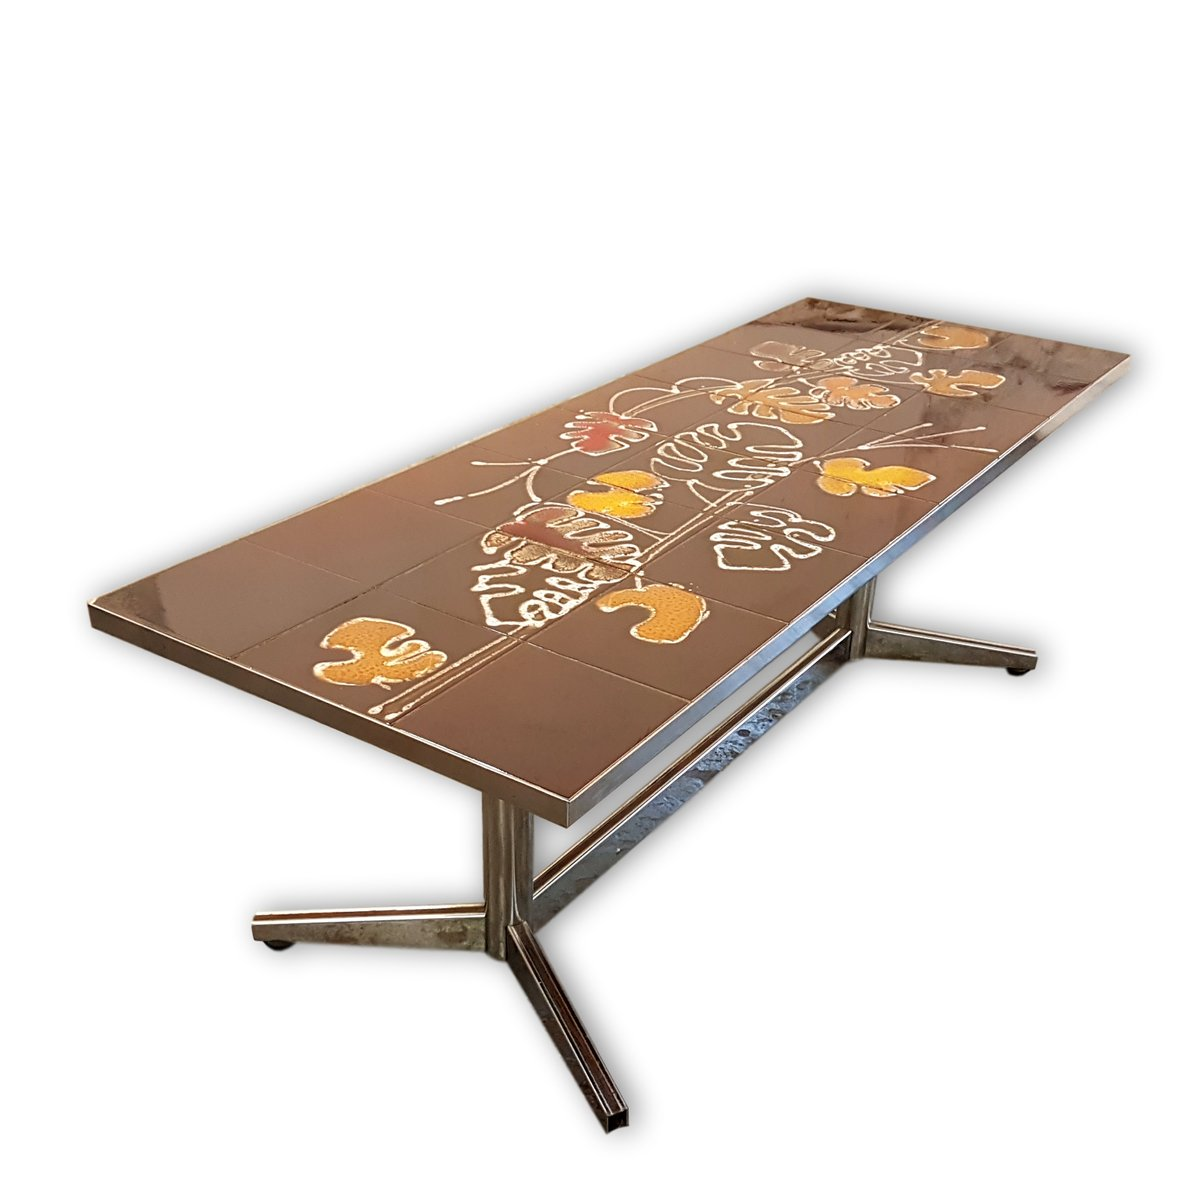 Tavolino con piastrelle e disegno di foglie marroni e arancioni anni 60 in vendita su Pamono